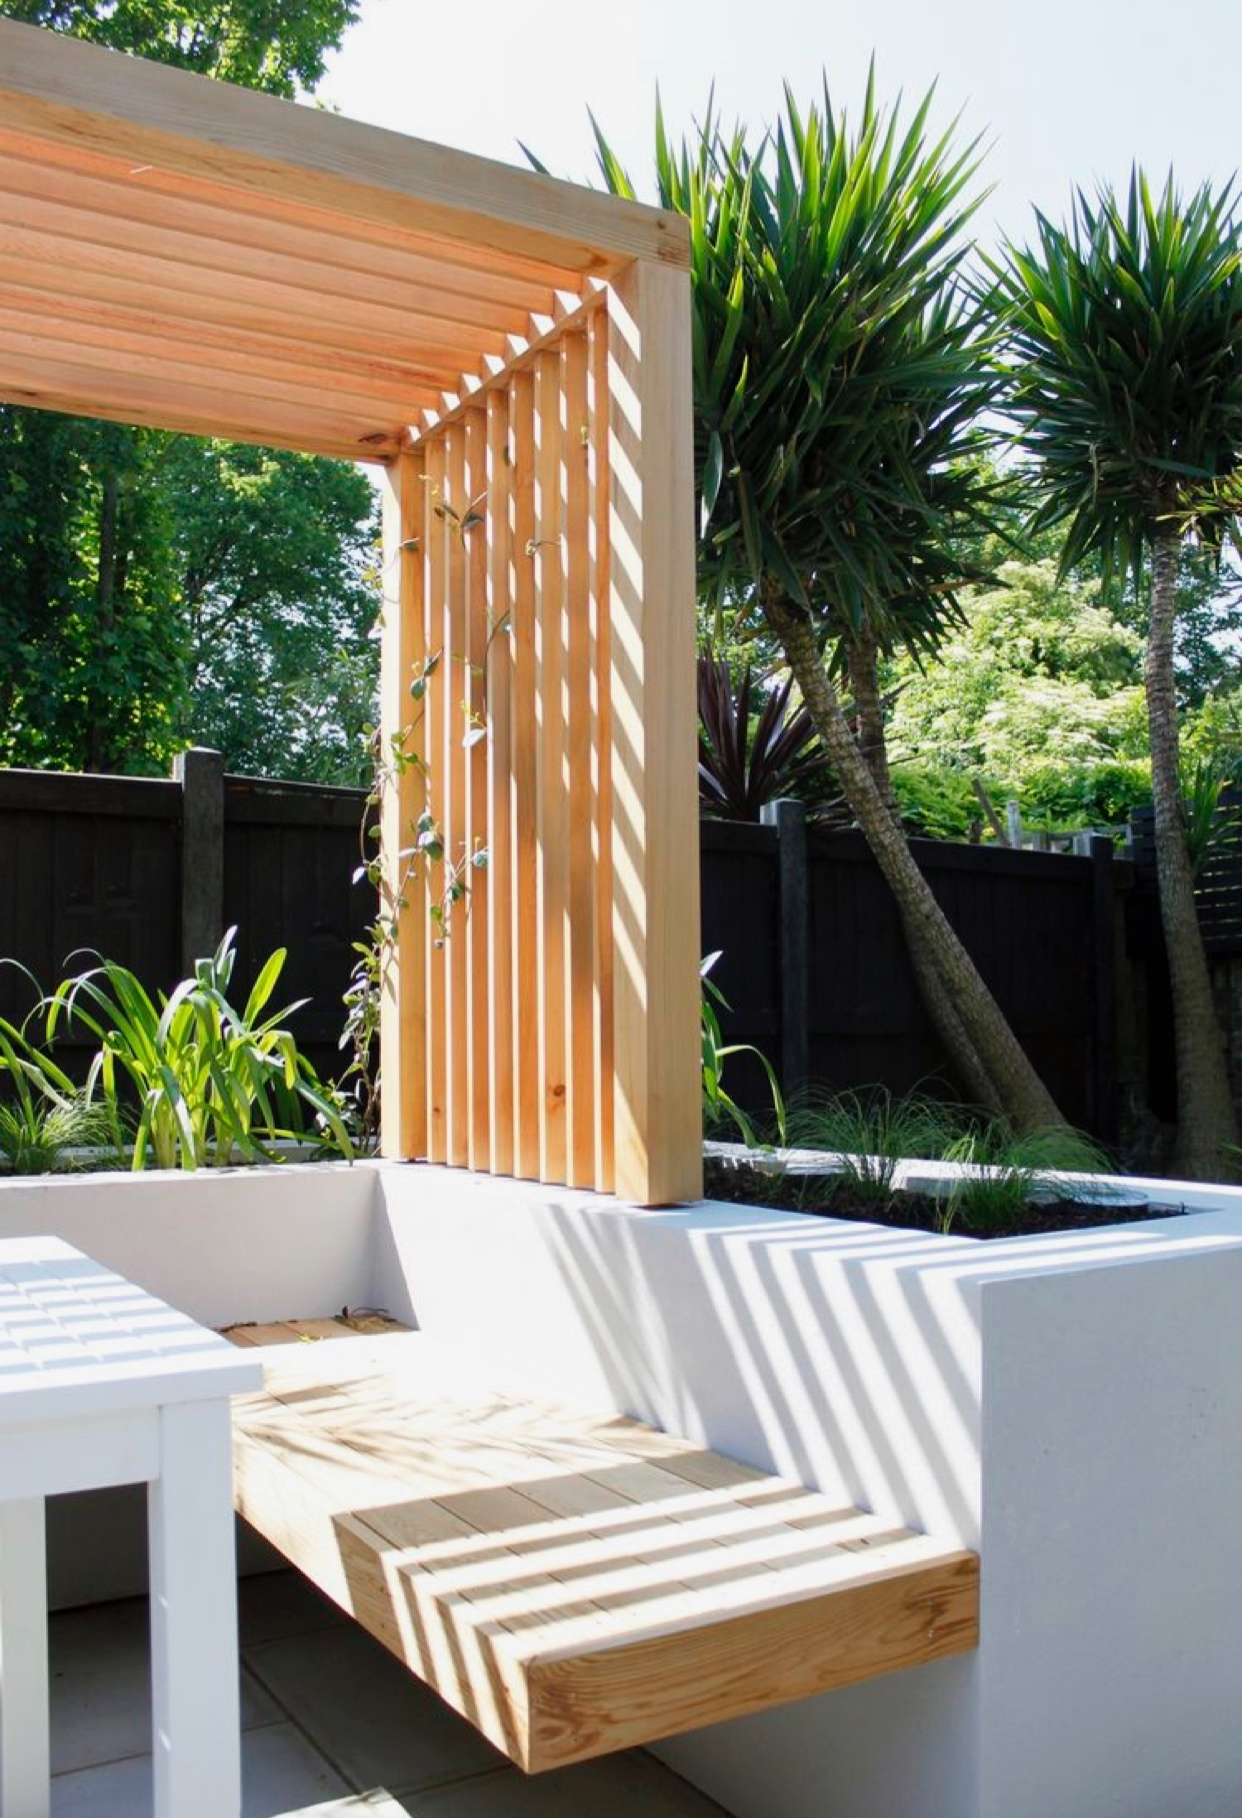 Inspo from:  Contemporary Garden Design